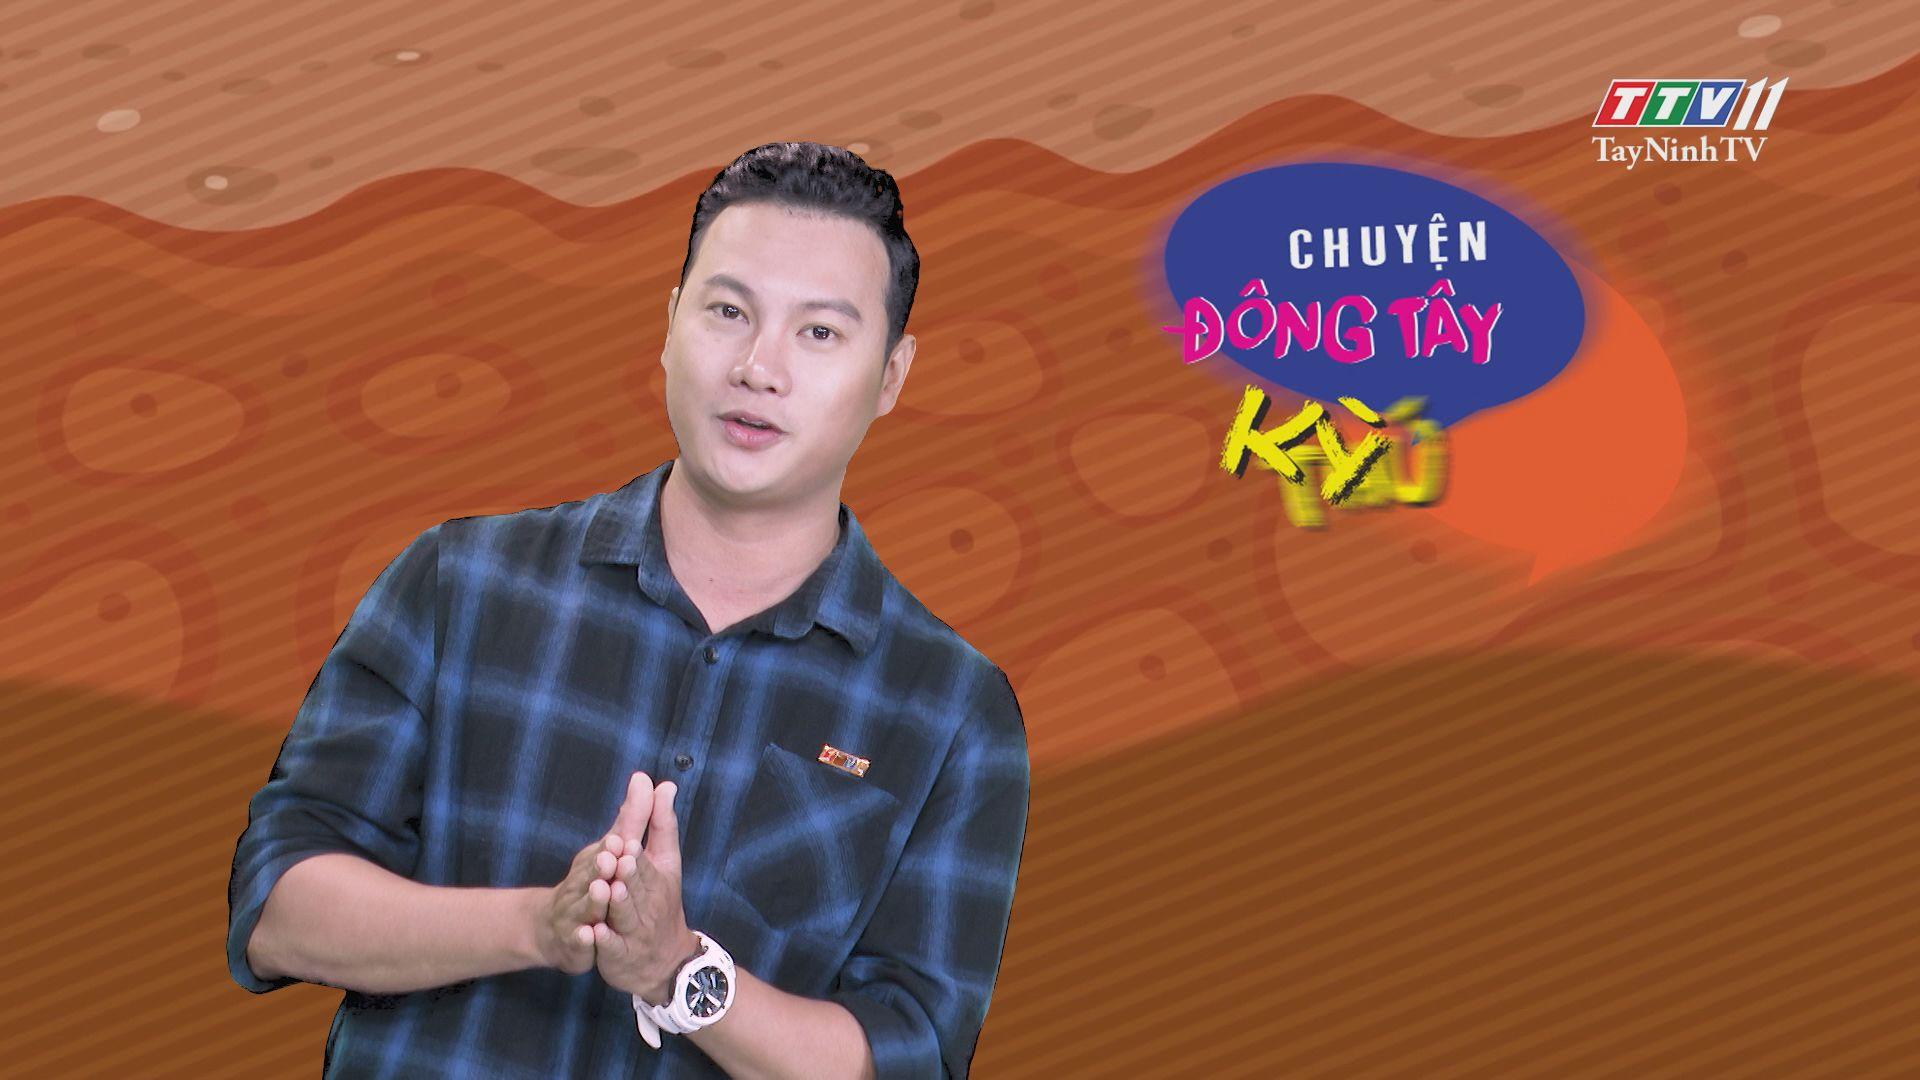 Chuyện Đông Tây Kỳ Thú 27-7-2020 | TayNinhTV